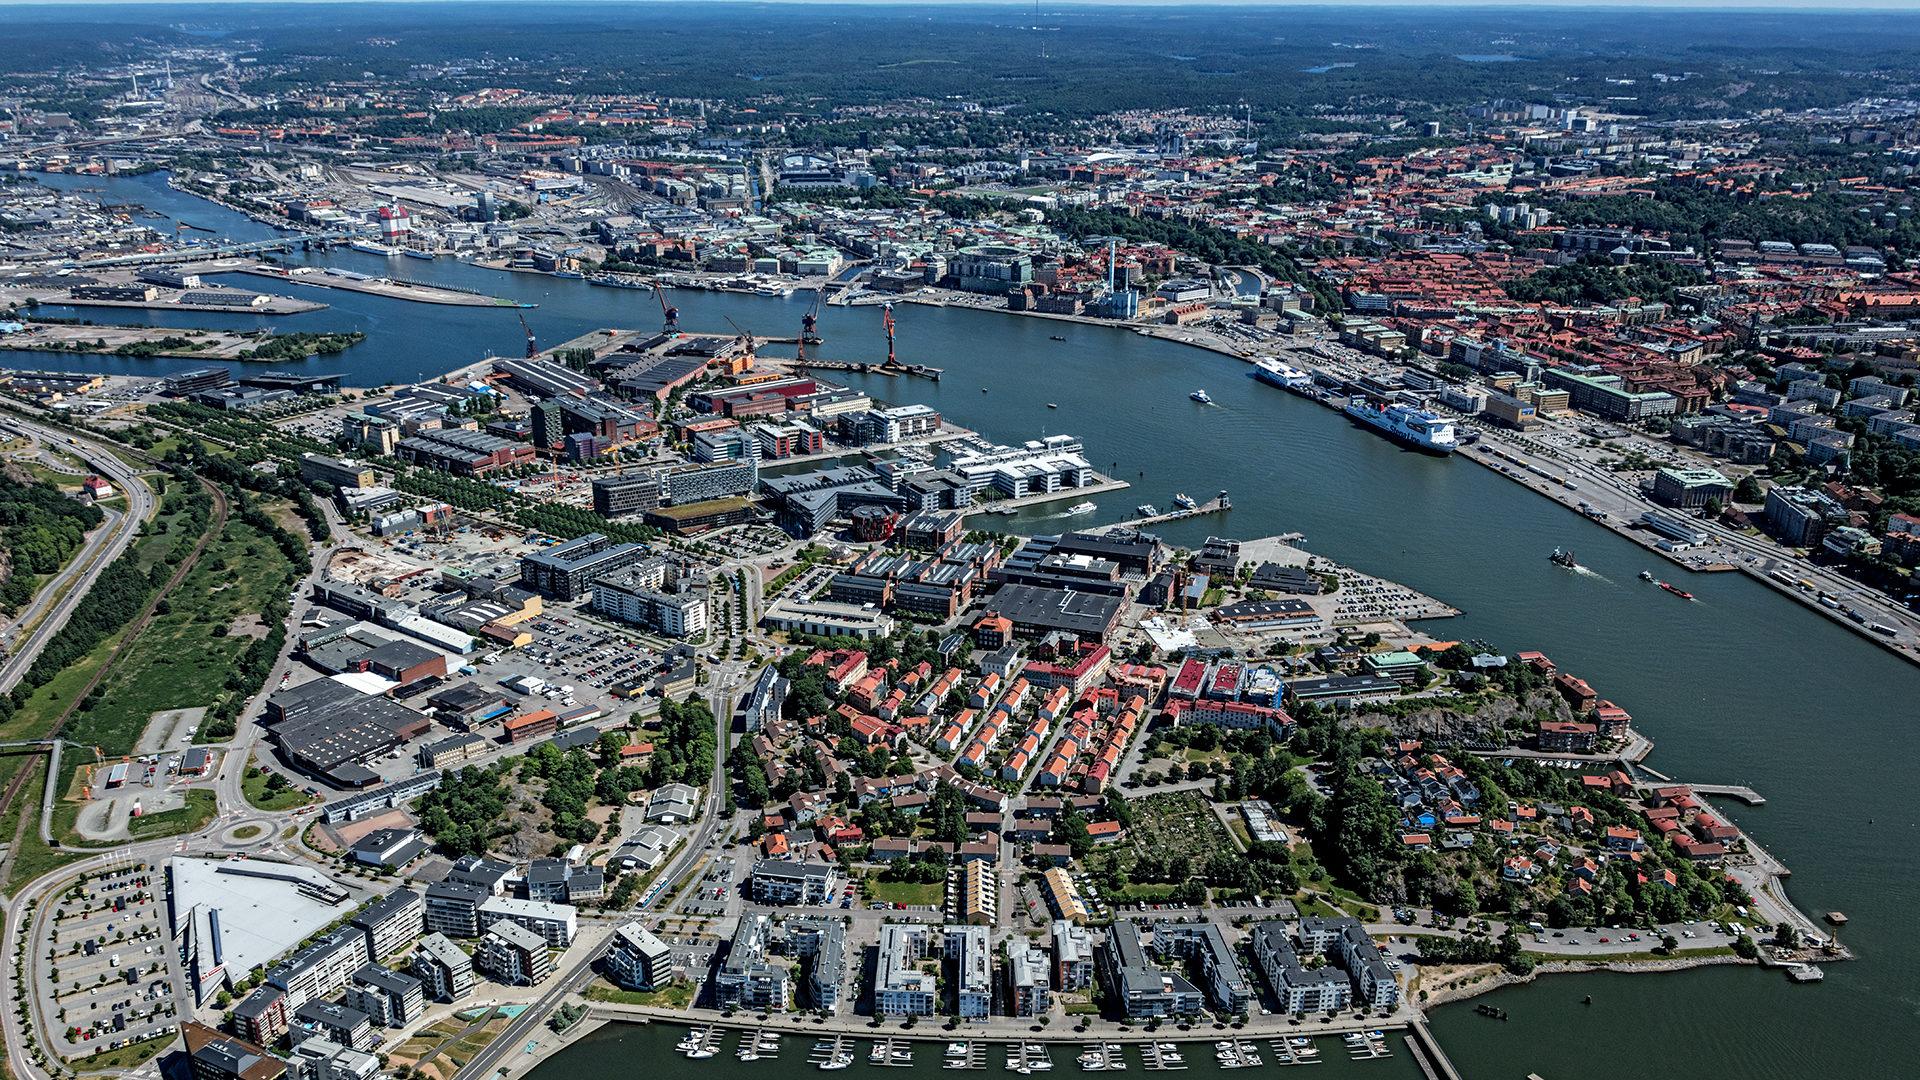 Flygfoto över Göta älv och centrala Göteborg med Lindholmen i förgrunden.